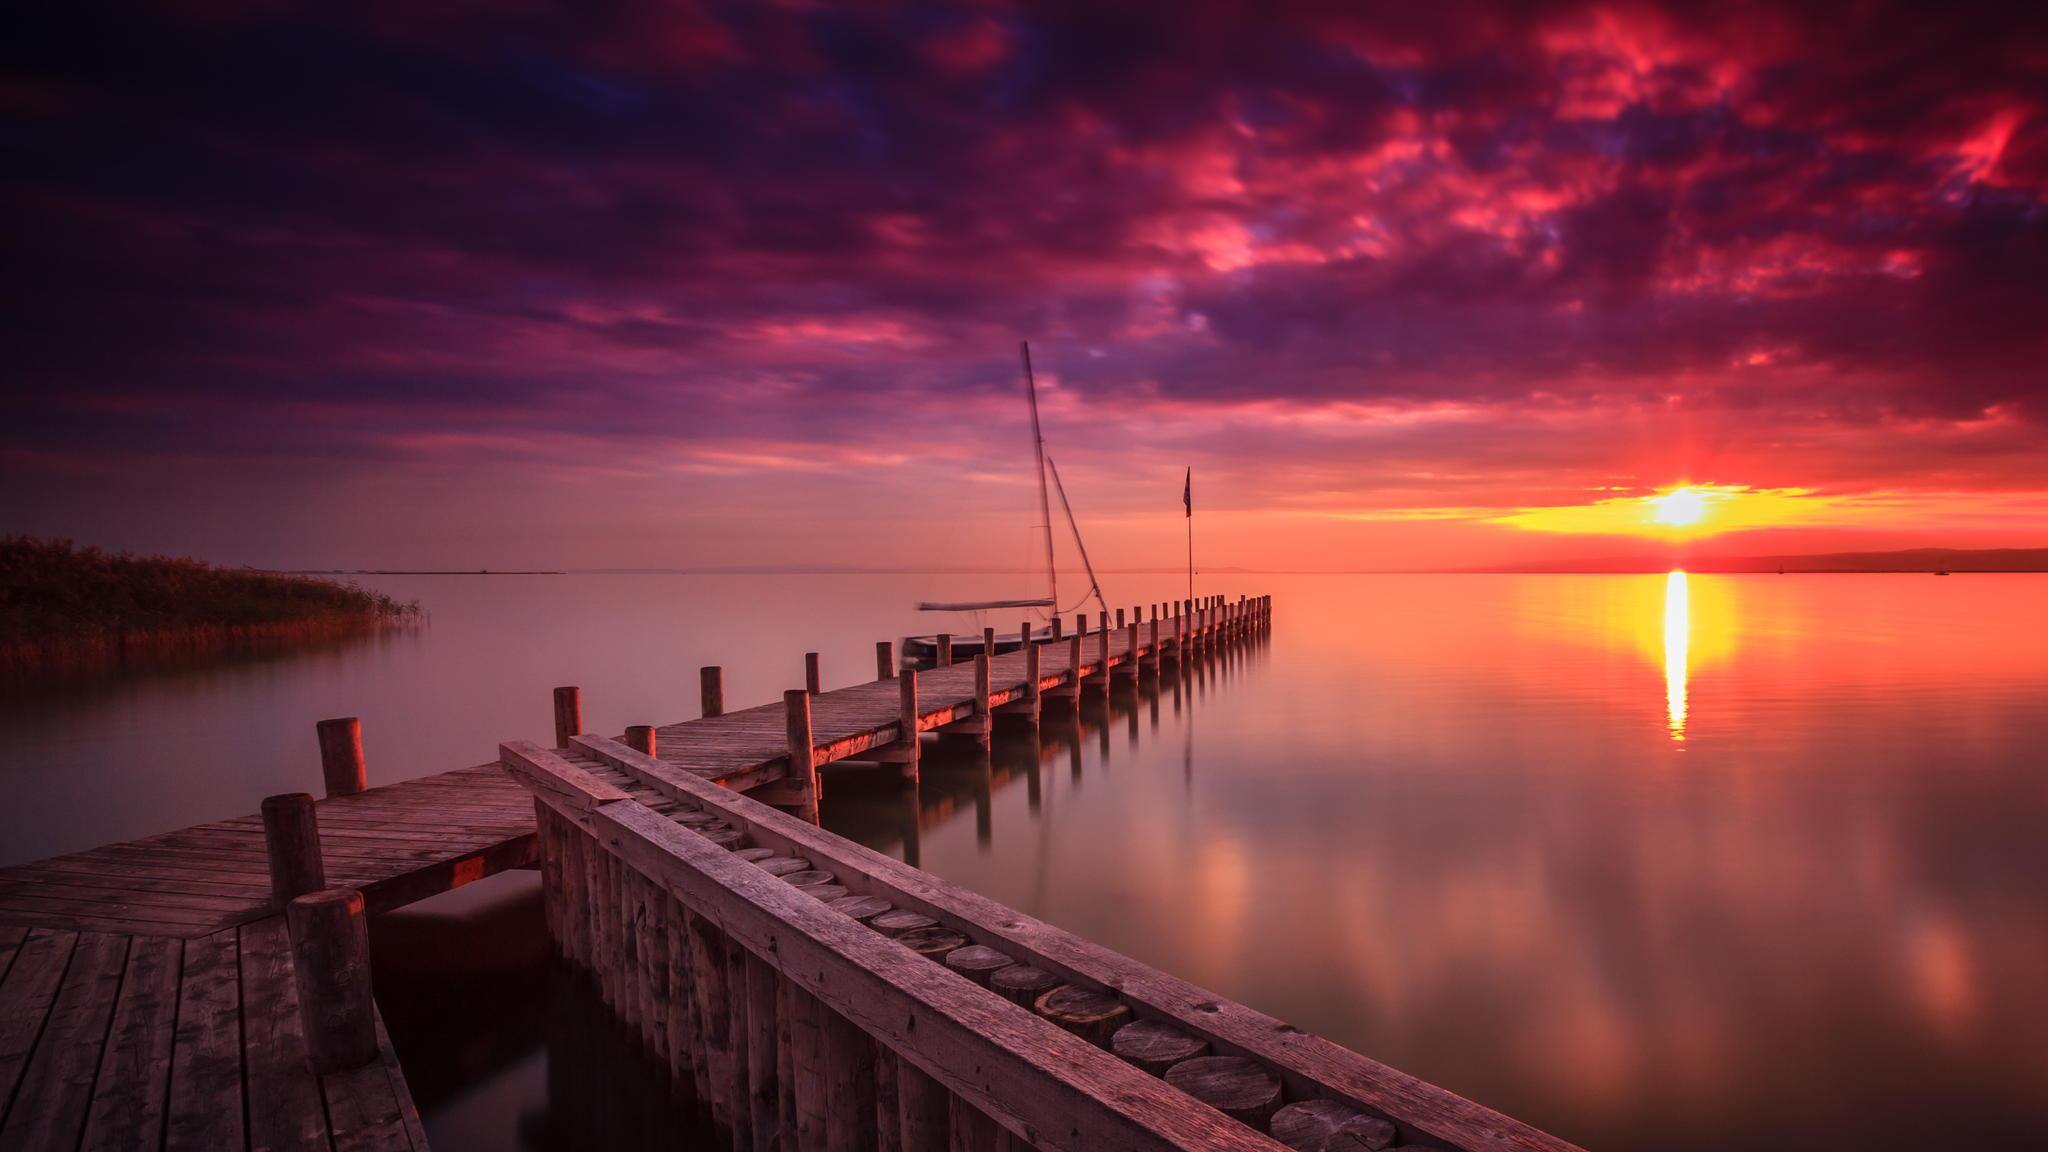 озеро мостик небо закат в хорошем качестве